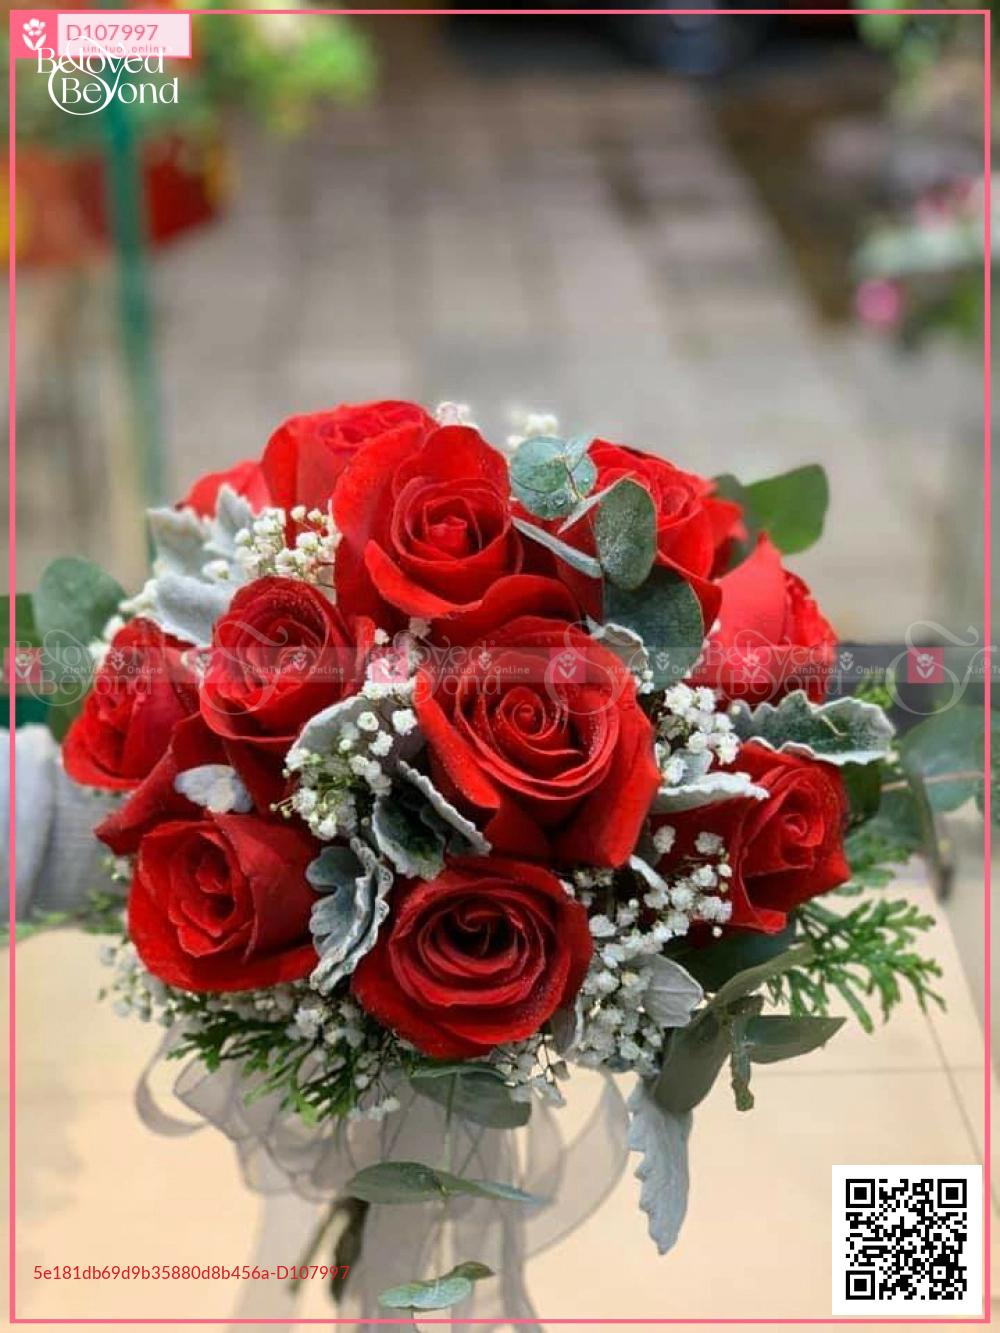 Mùa cưới - D107997 - xinhtuoi.online